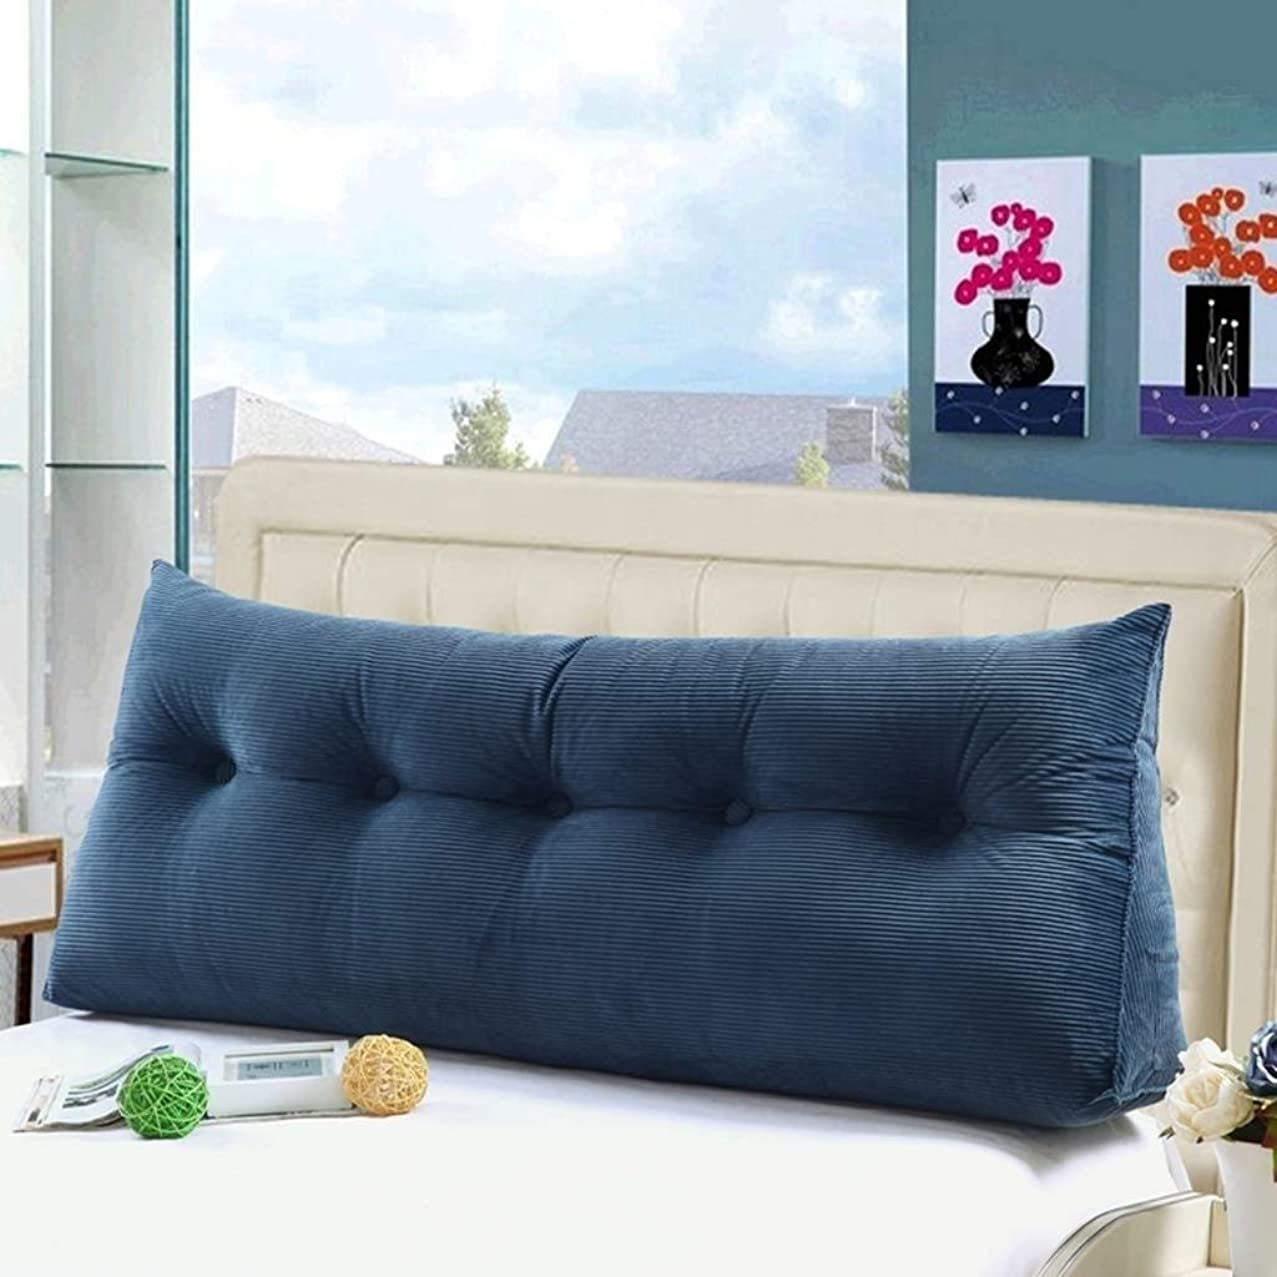 資本主義テレビパラメータZWJベッド背もたれ クッション ベッドの背もたれ 大 三角 ベッド クッション ヘッドボード ソファー バックレスト カバー ベッドサイド 腰椎 パッド 布張り 枕 柔らかい シングル ダブル リムーバブル ウォッシャブル、 9色、 マルチサイズ (Color : Navy blue, Size : 60x22x50cm)